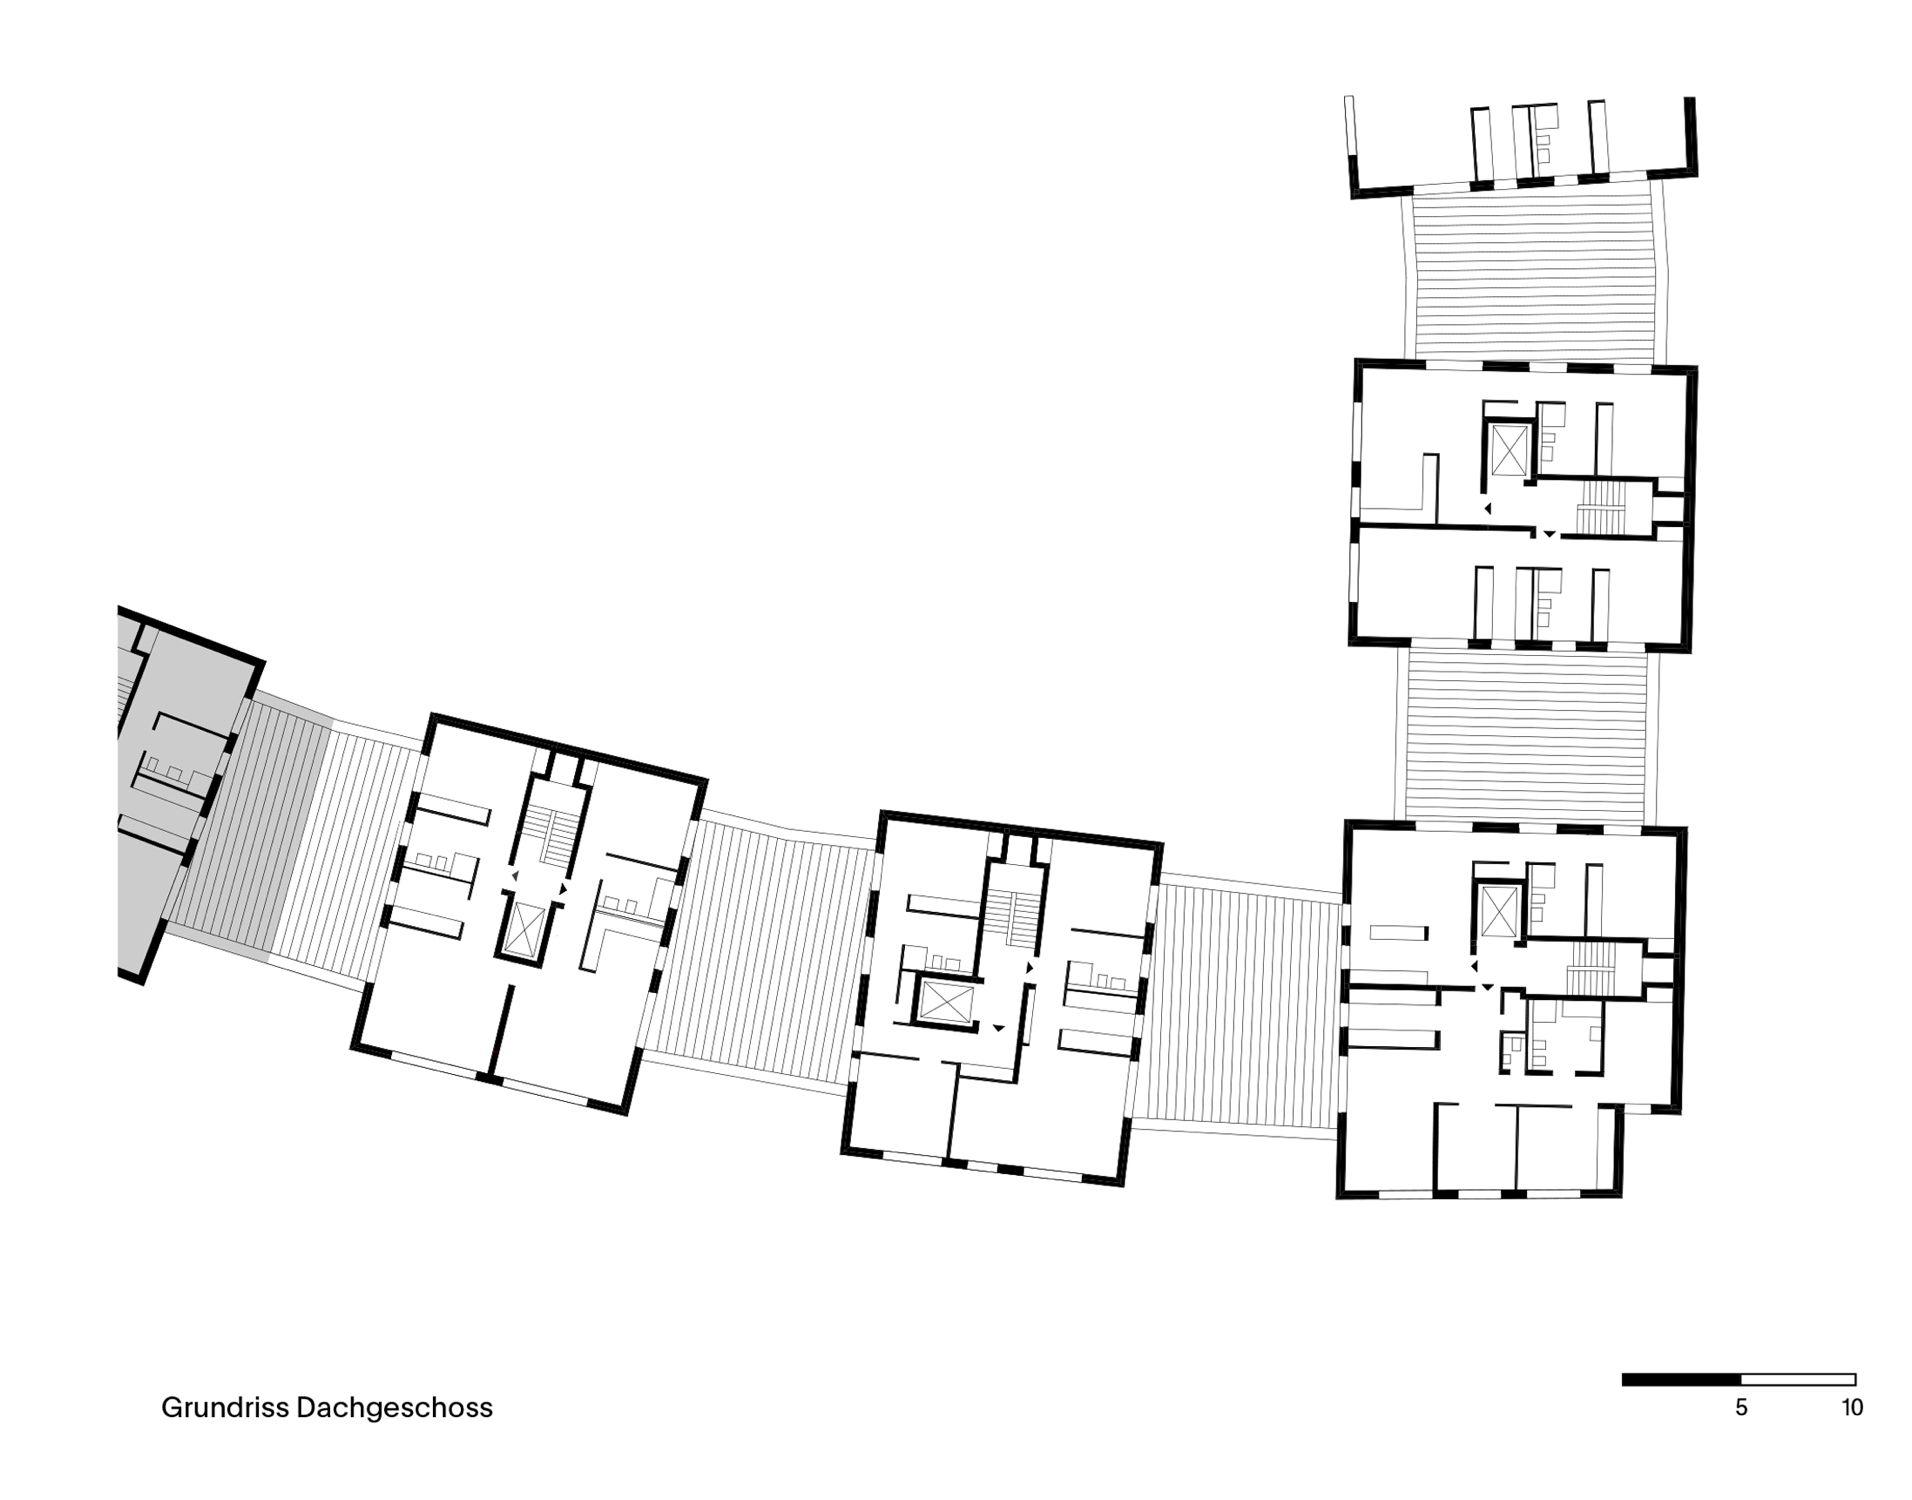 mannheim grundrisse netz architektur wohnen html